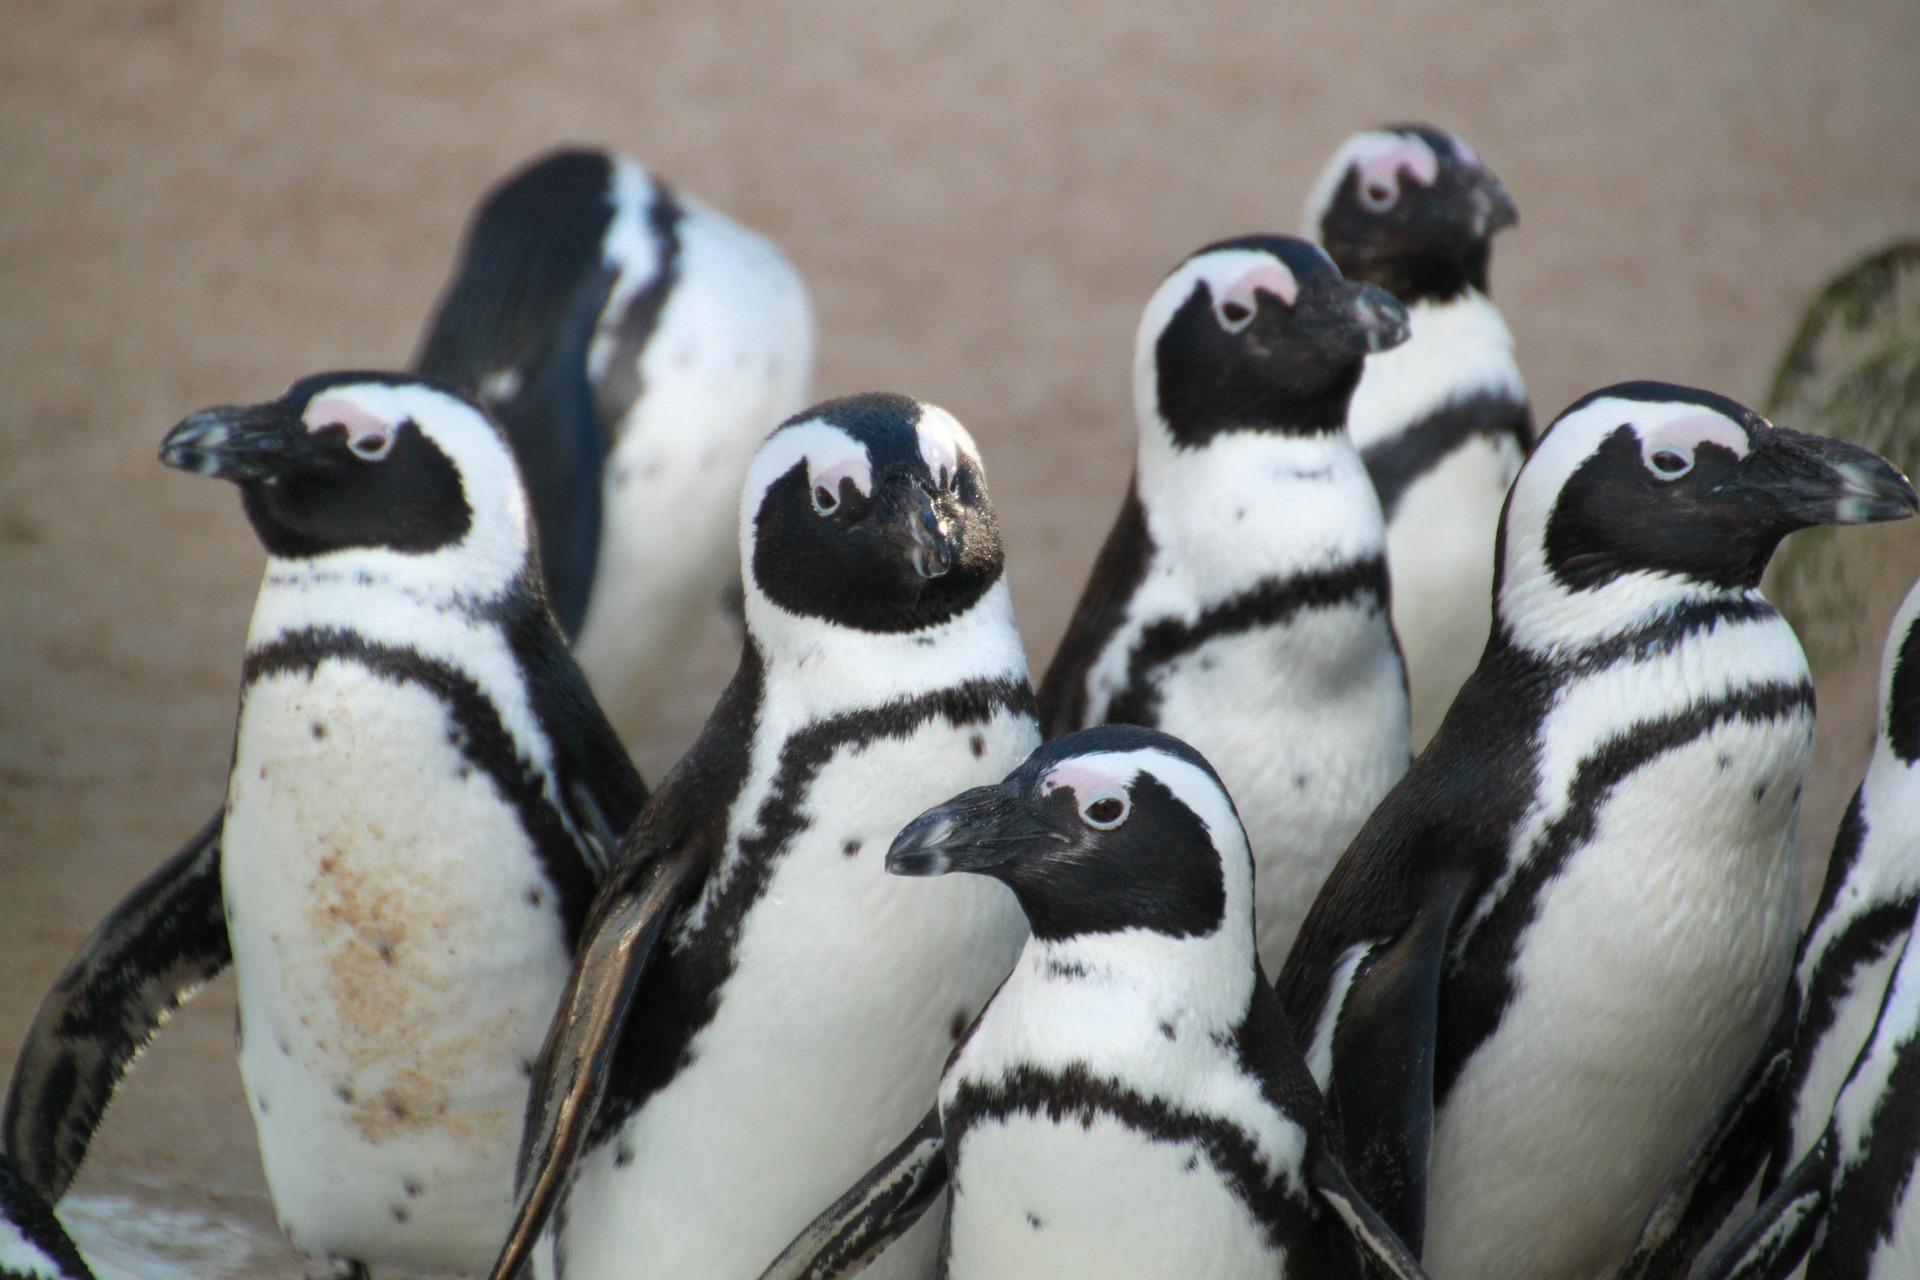 Популацията на пингвините Галапагос се е увеличила двойно благодарение на климатичните промени